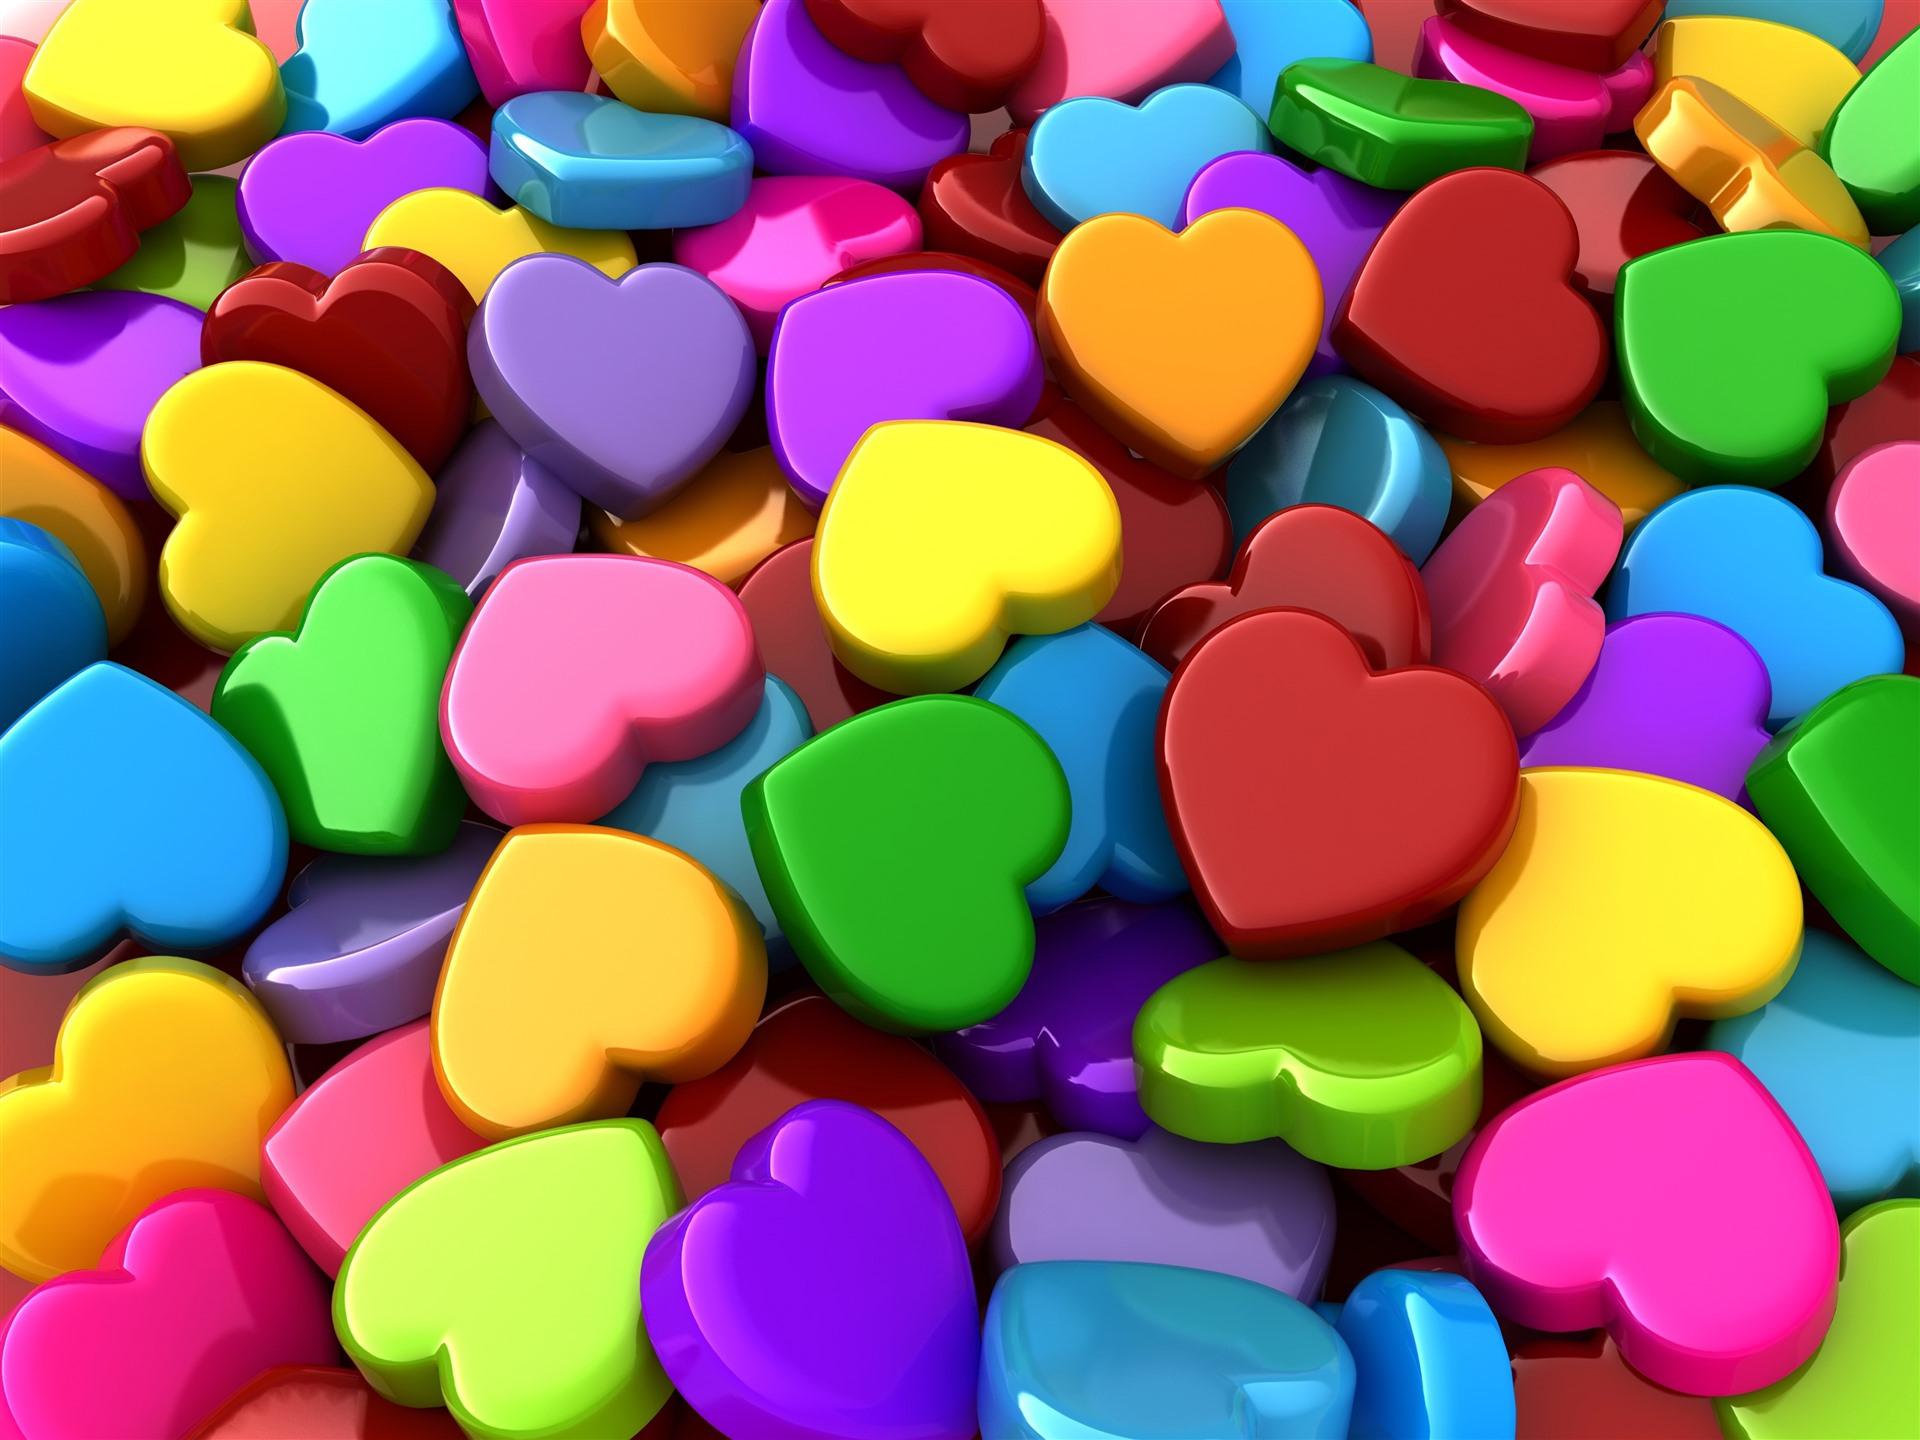 картинки сердечек ярких